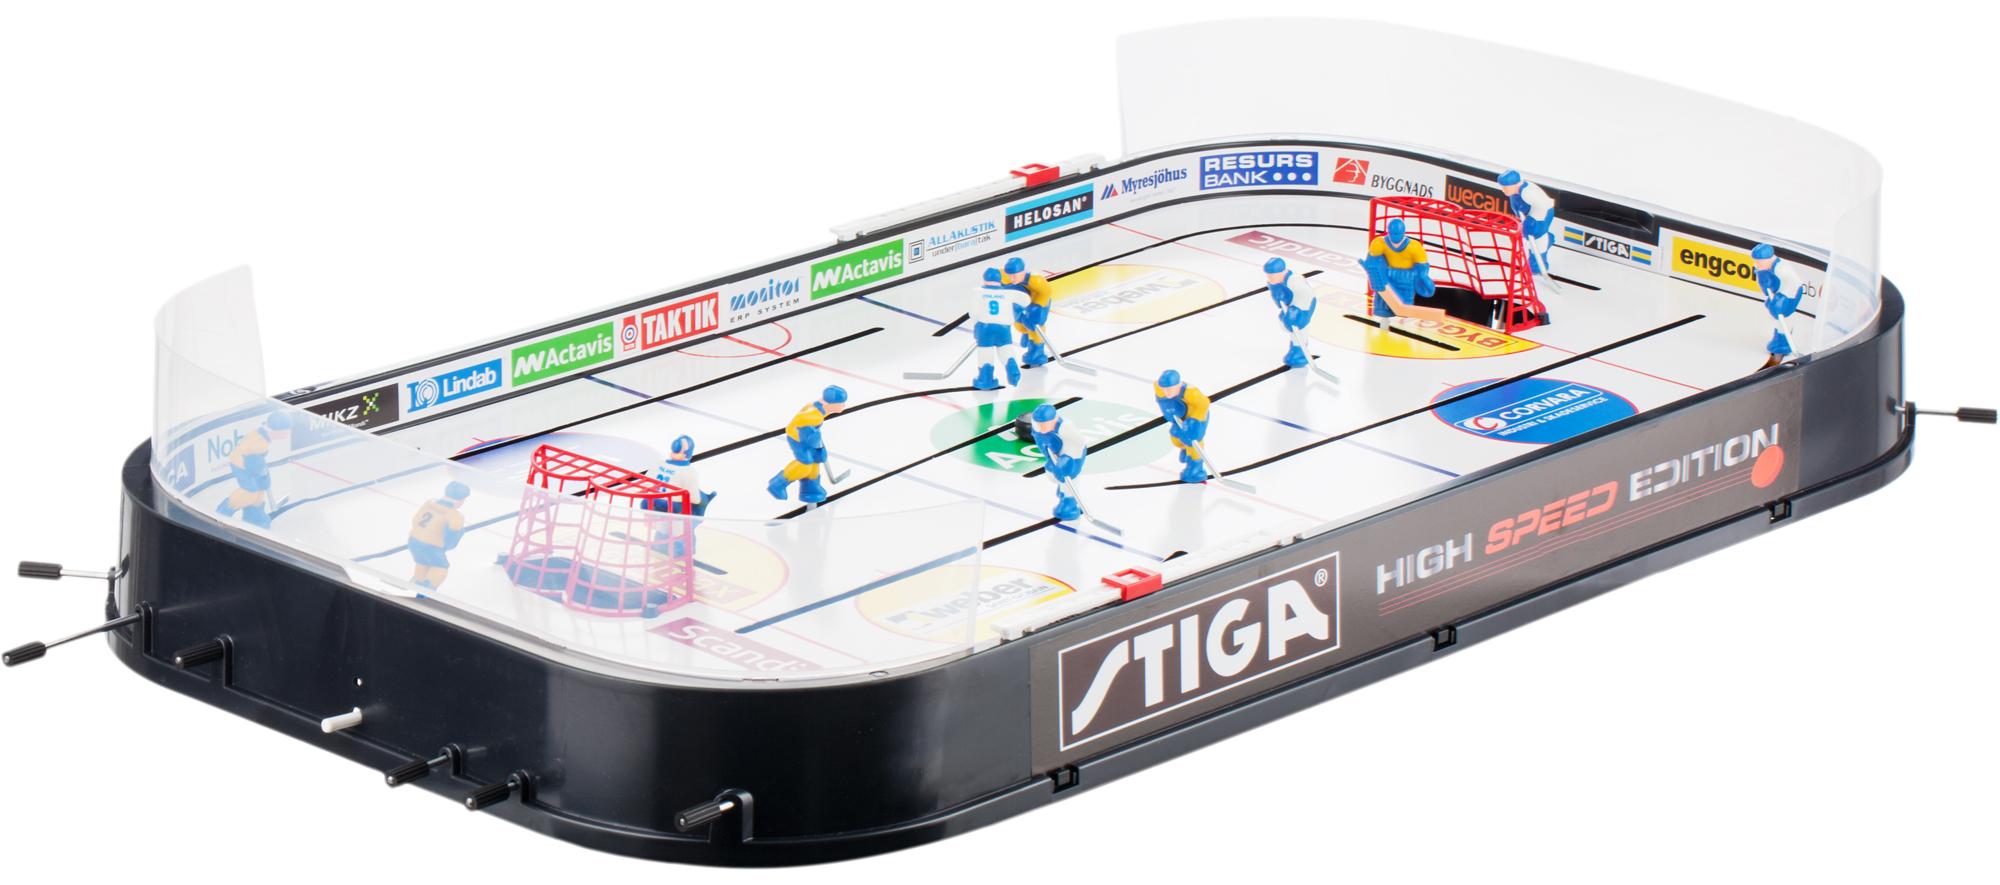 Stiga Настольный хоккей Stiga High Speed сцепка eurosystems 2 регулировки к stiga 3255100000